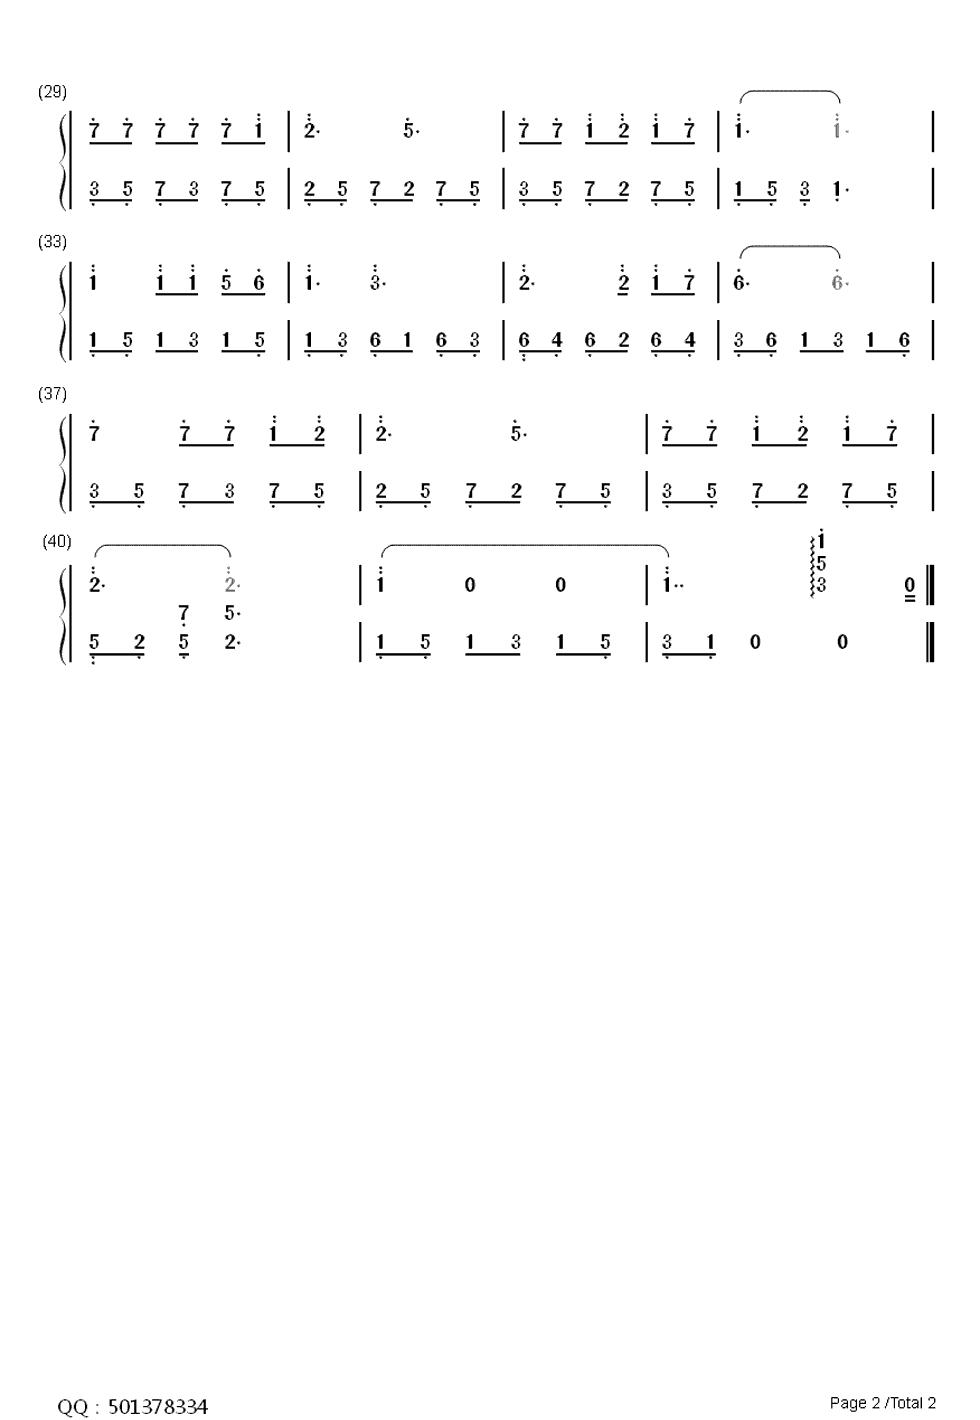 求谱 求把图中五线谱转成简谱 《同桌的你》 只需要高音右手部分即可